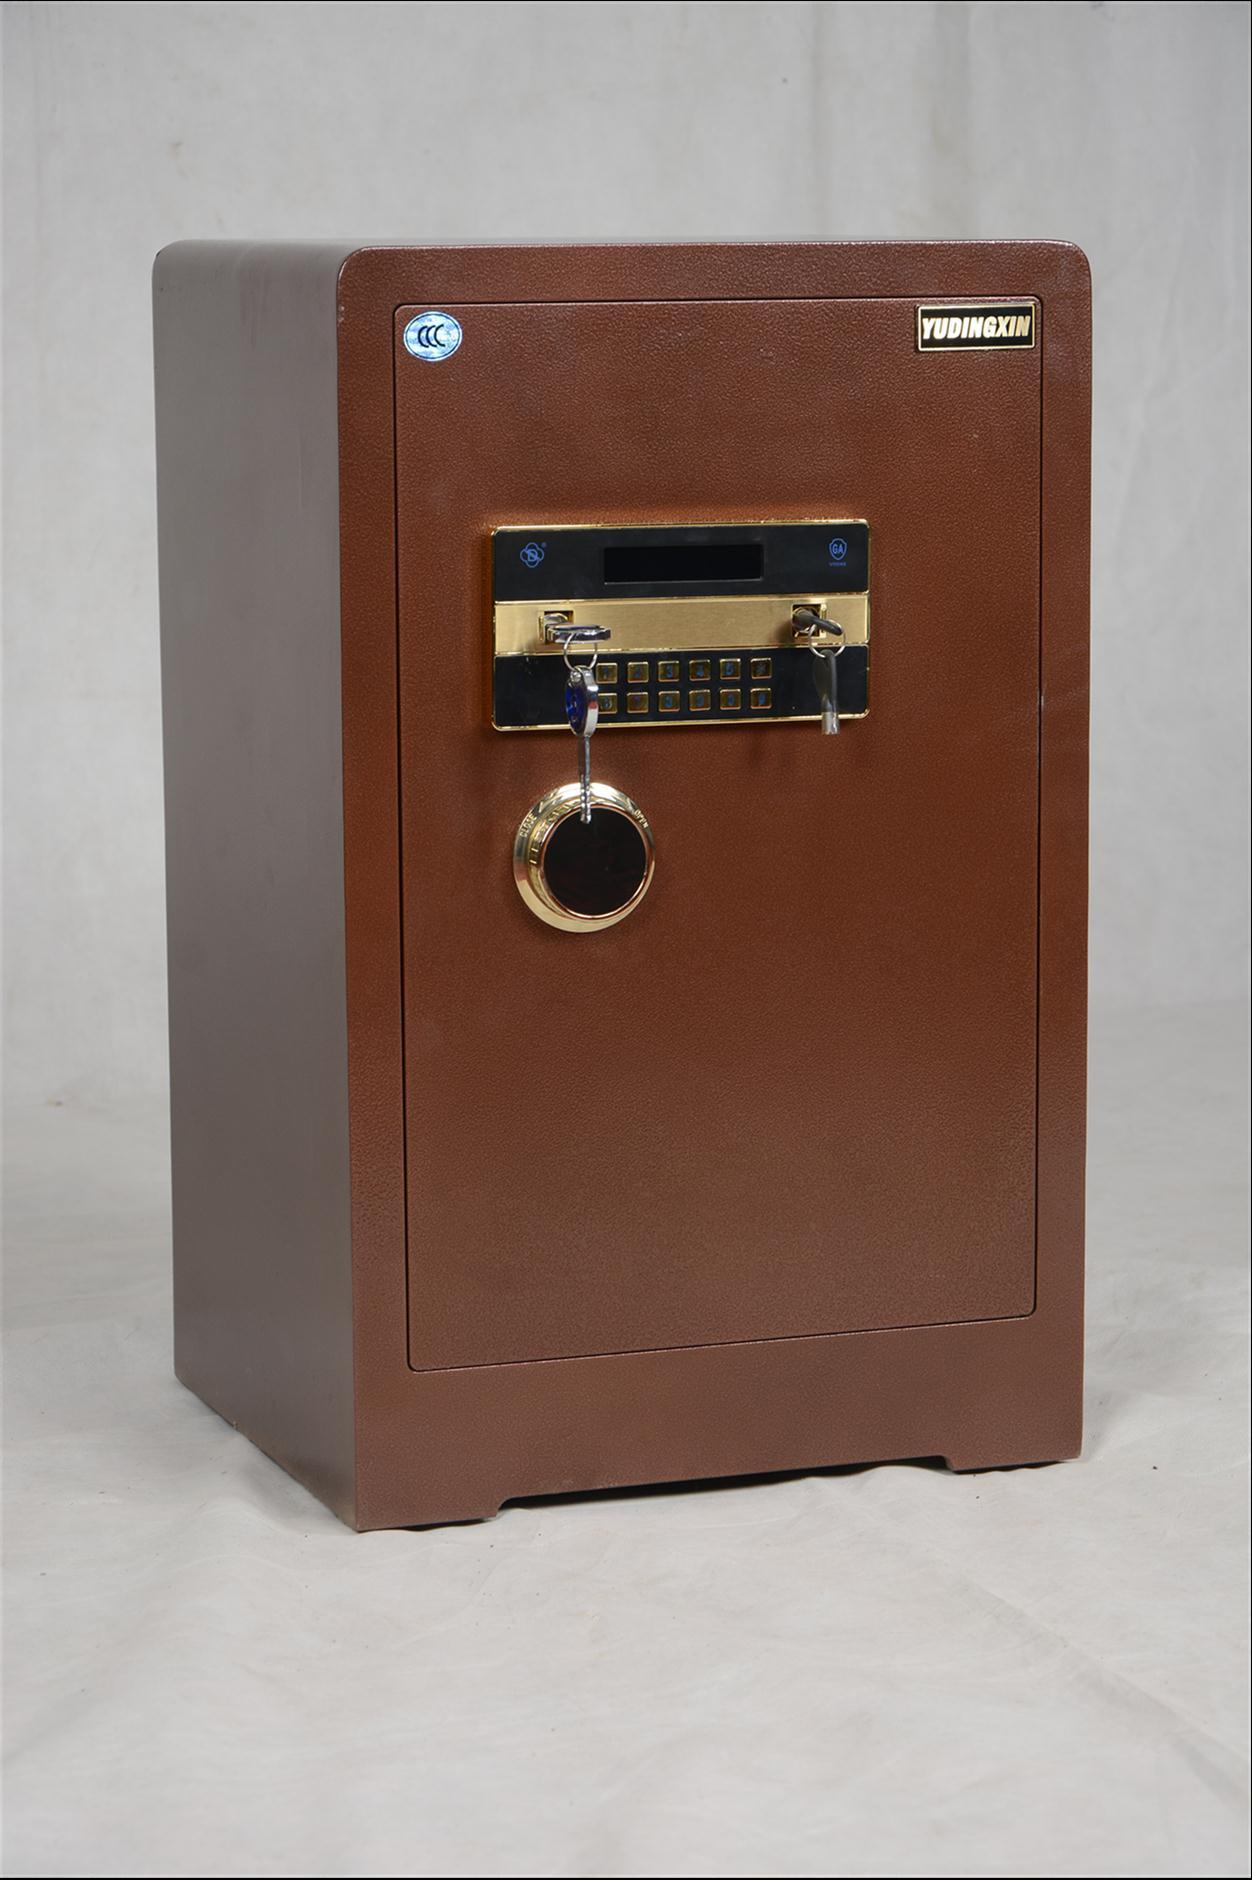 防火3c保险柜,防火保险箱定制,防水防火保险箱工厂